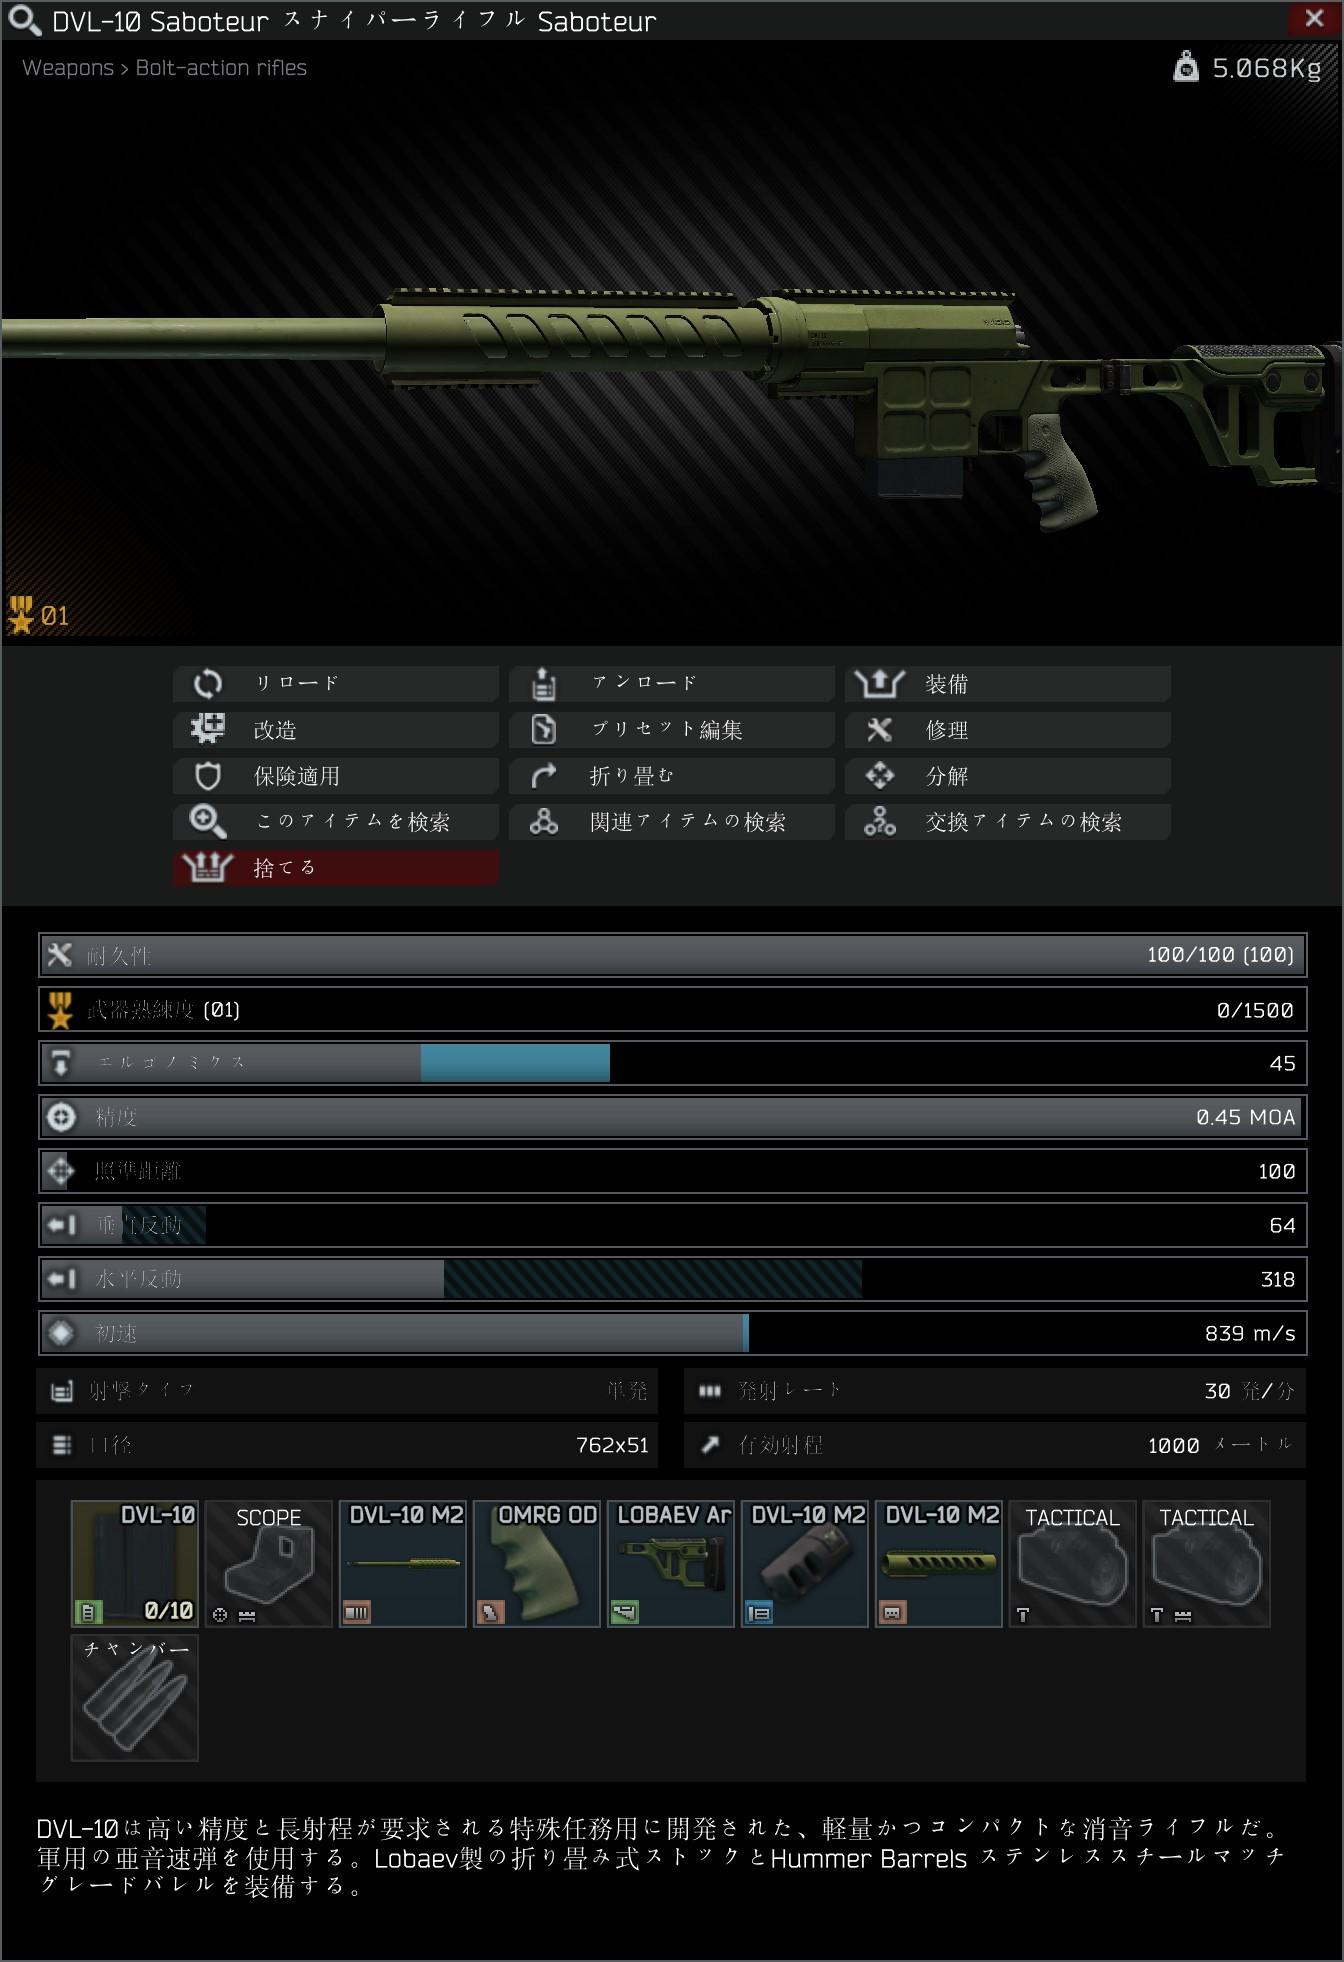 DLV-10 Saboture.jpg